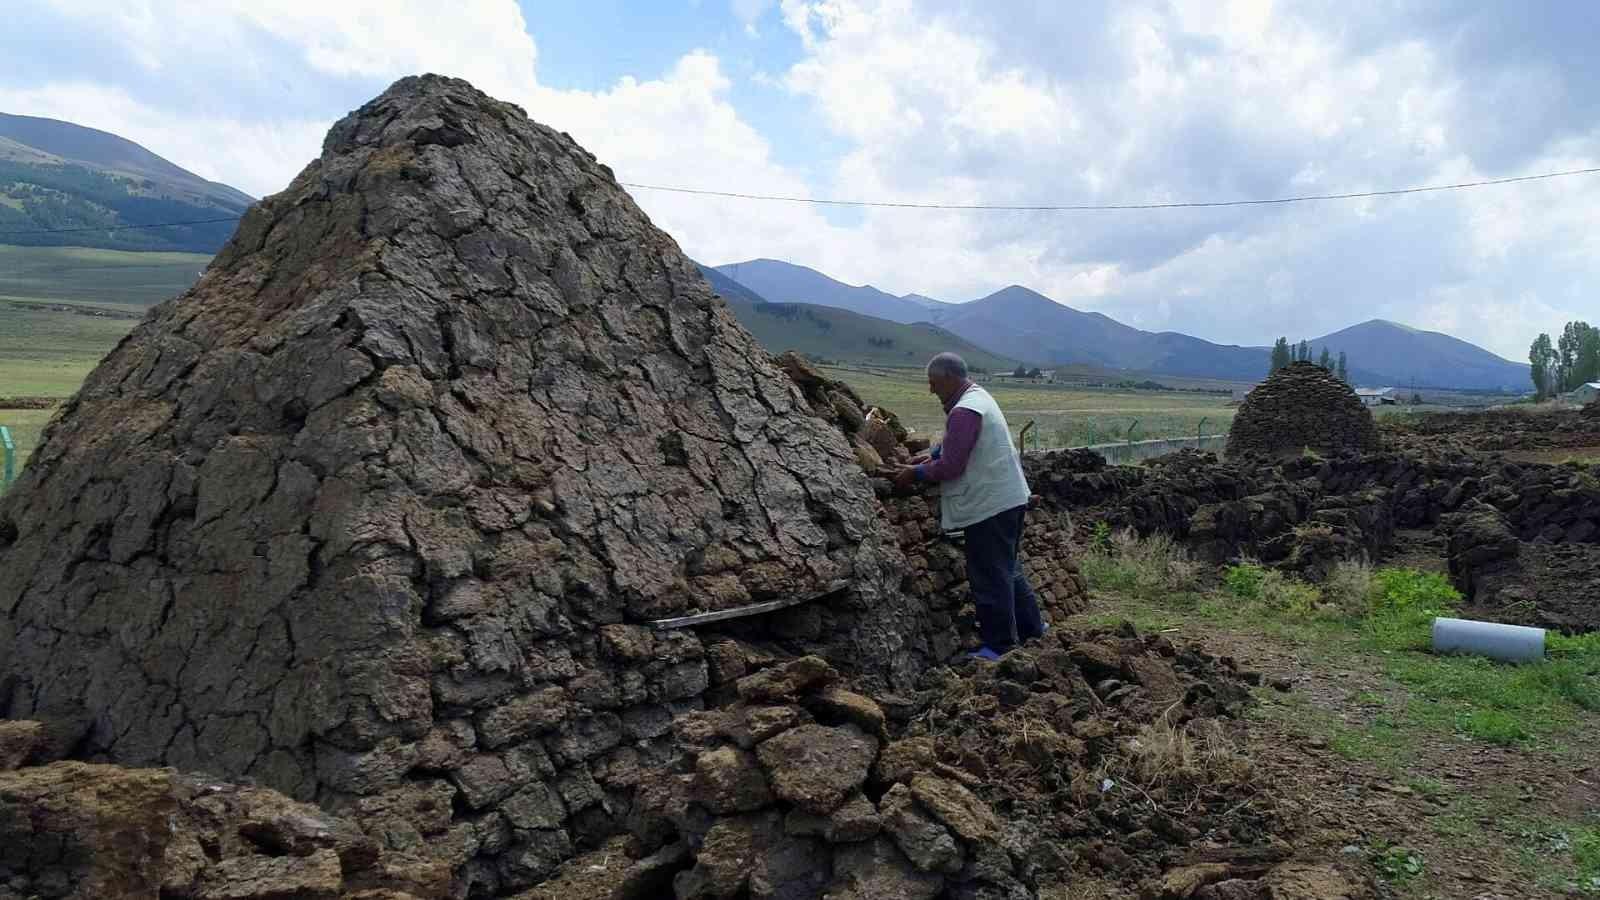 Bayburt'ta köylerin vazgeçilmez yakıtı tezek oldu #bayburt